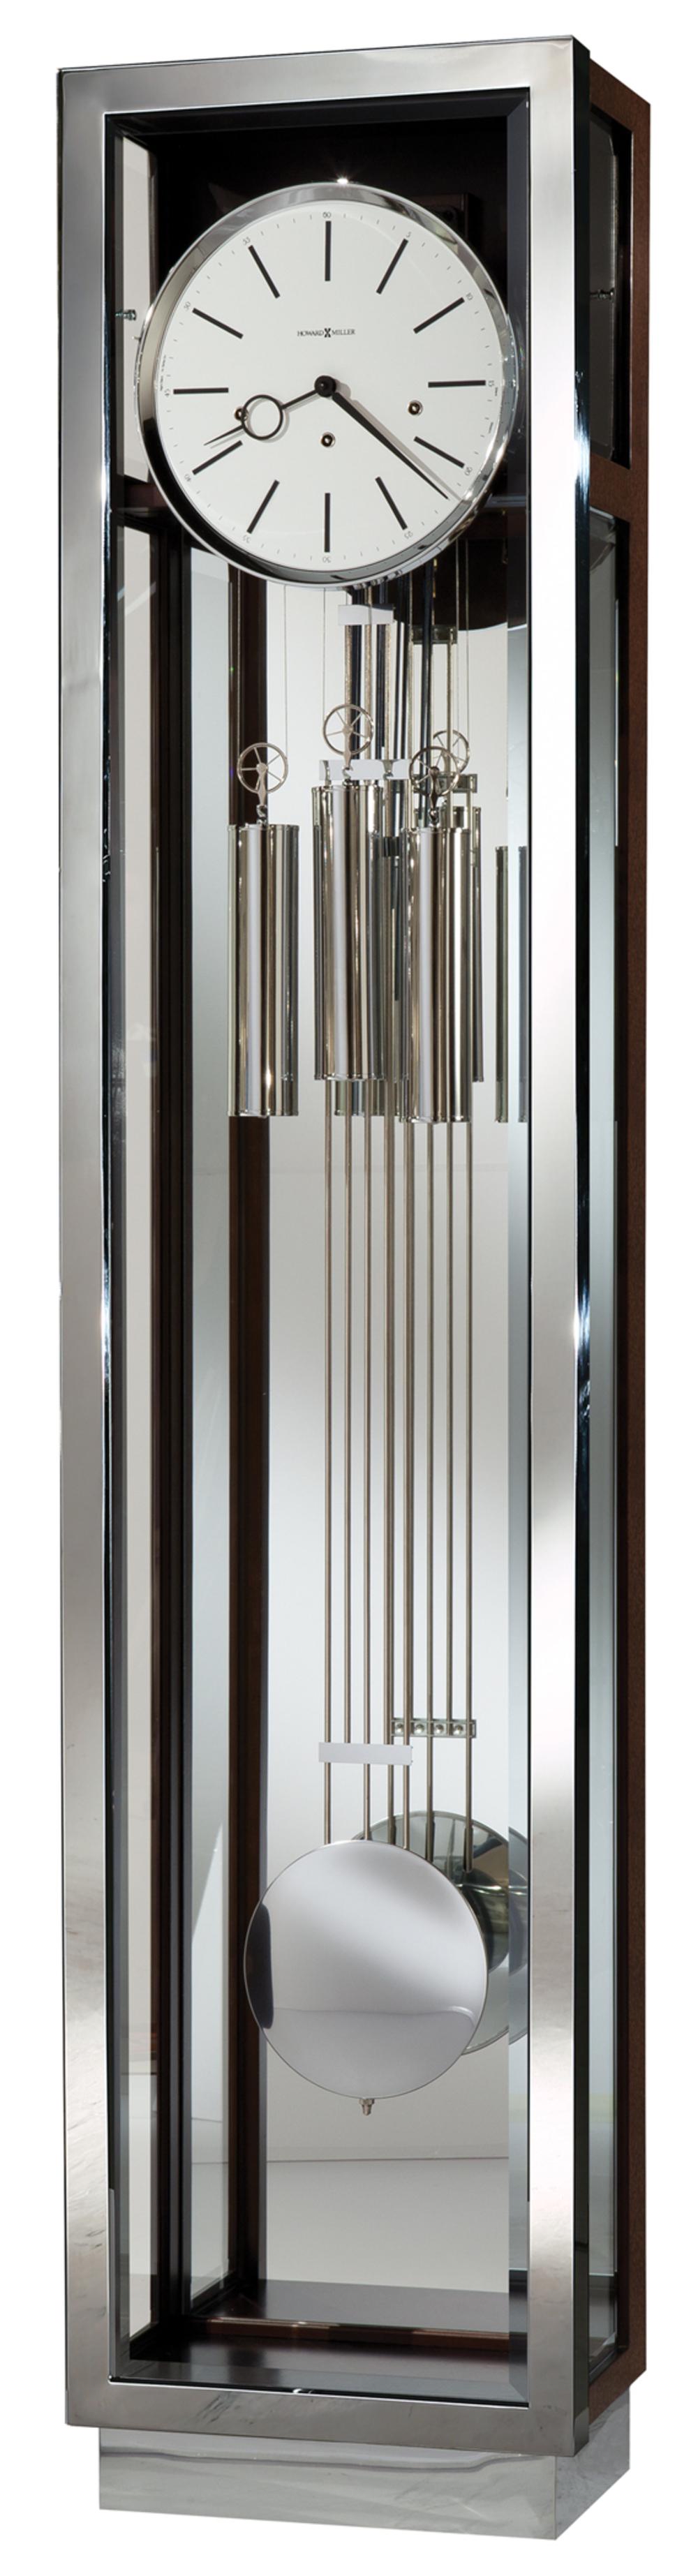 Howard Miller Clock - Quinten Floor Clock